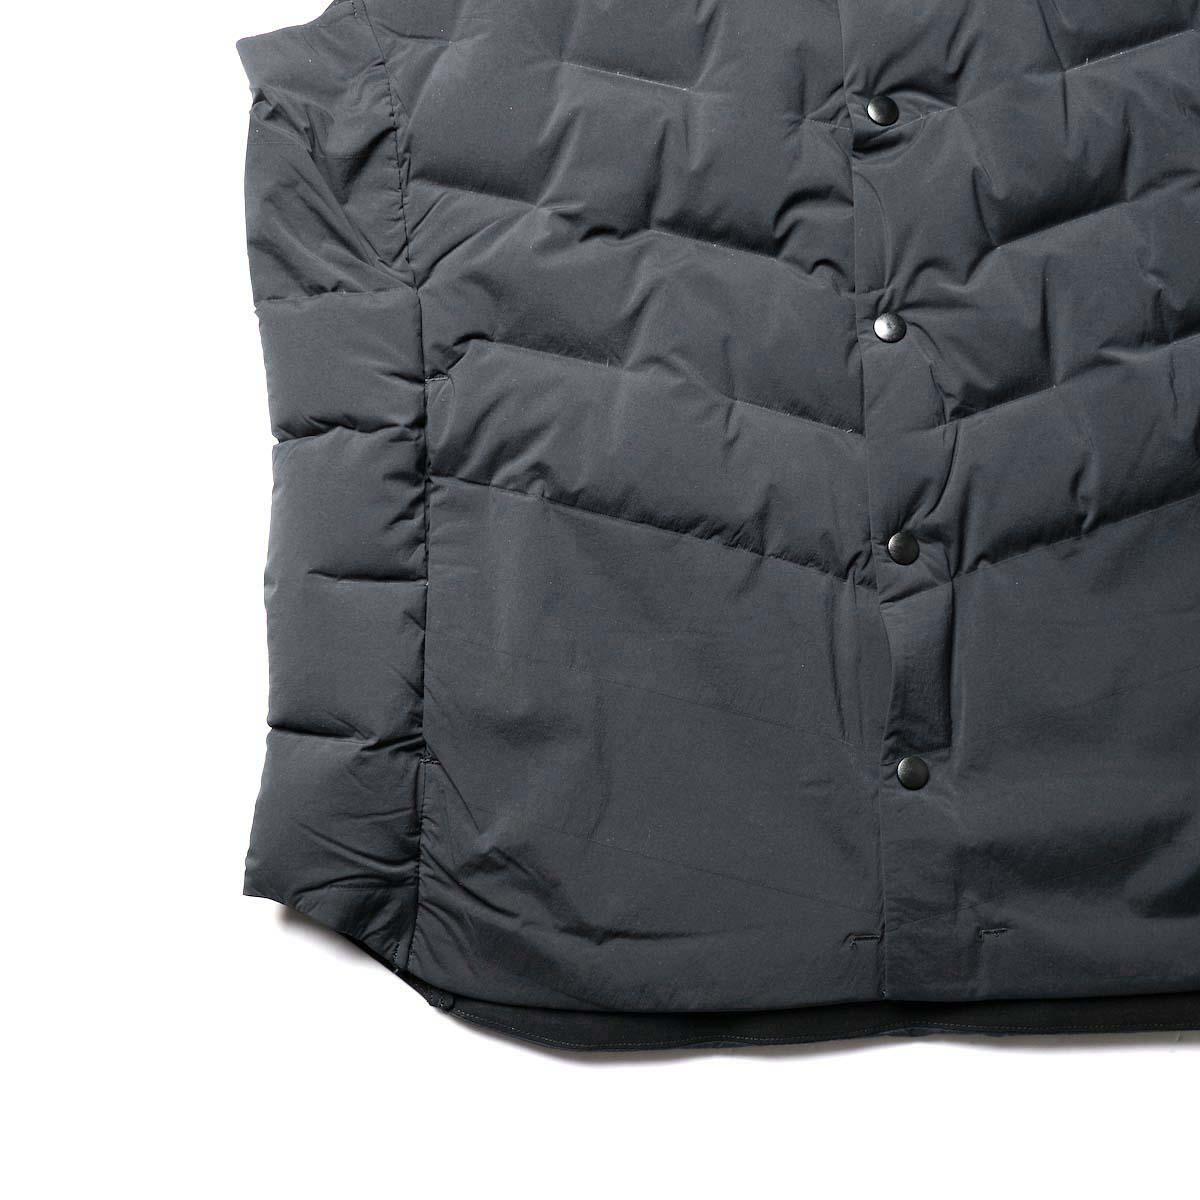 DESCENTE ALLTERAIN / D.I.S DOWN VEST (Black)裾、ポケット